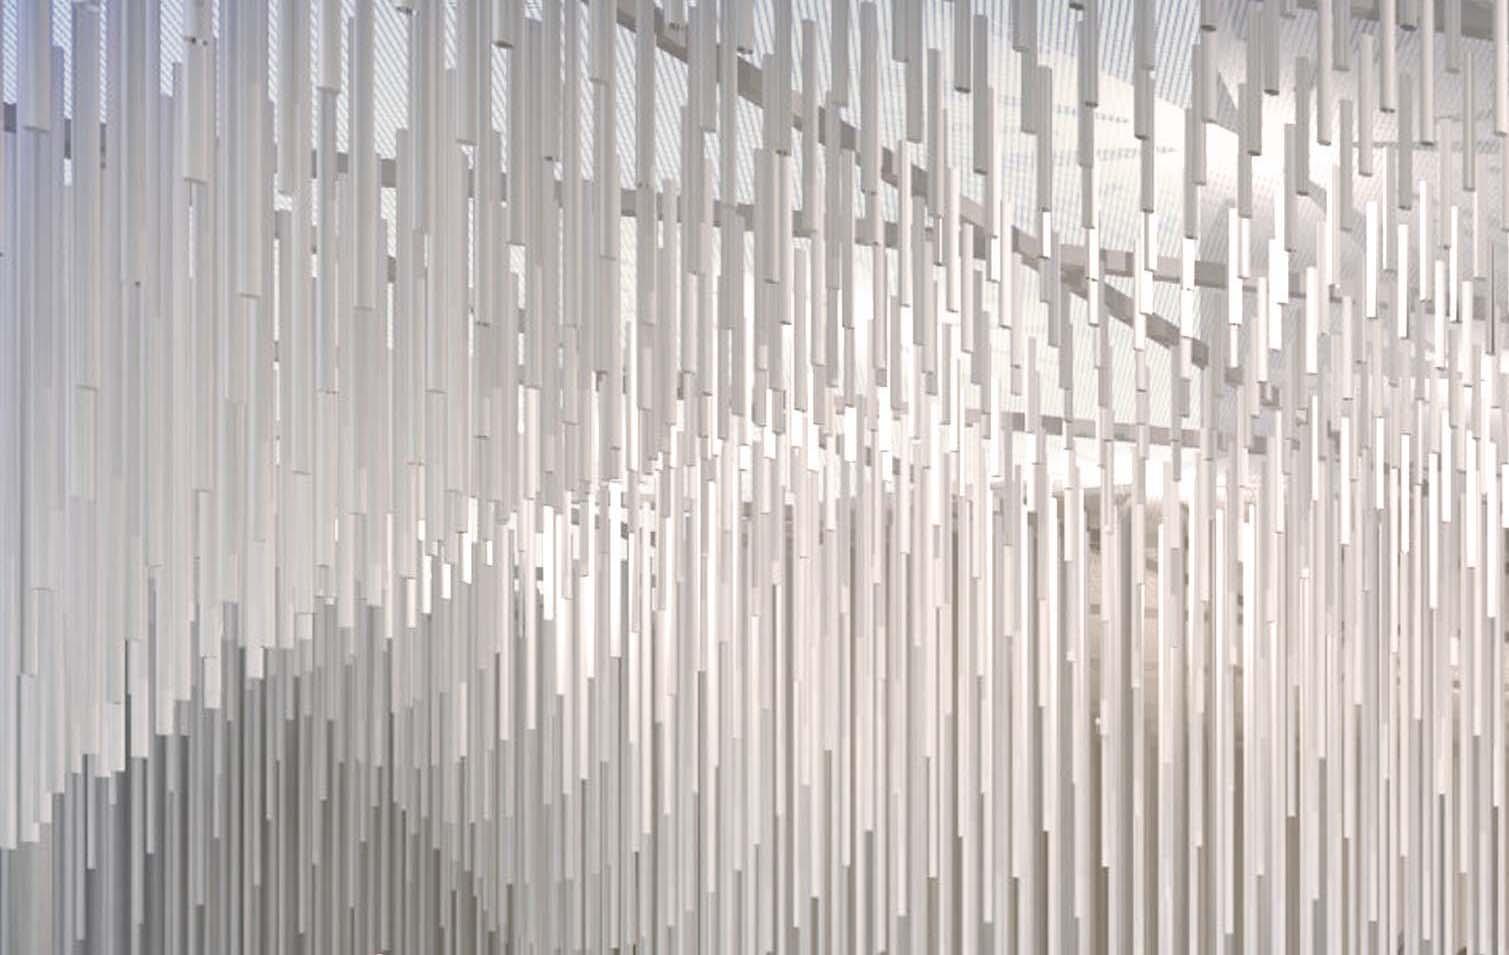 OUE Artling Pavilion